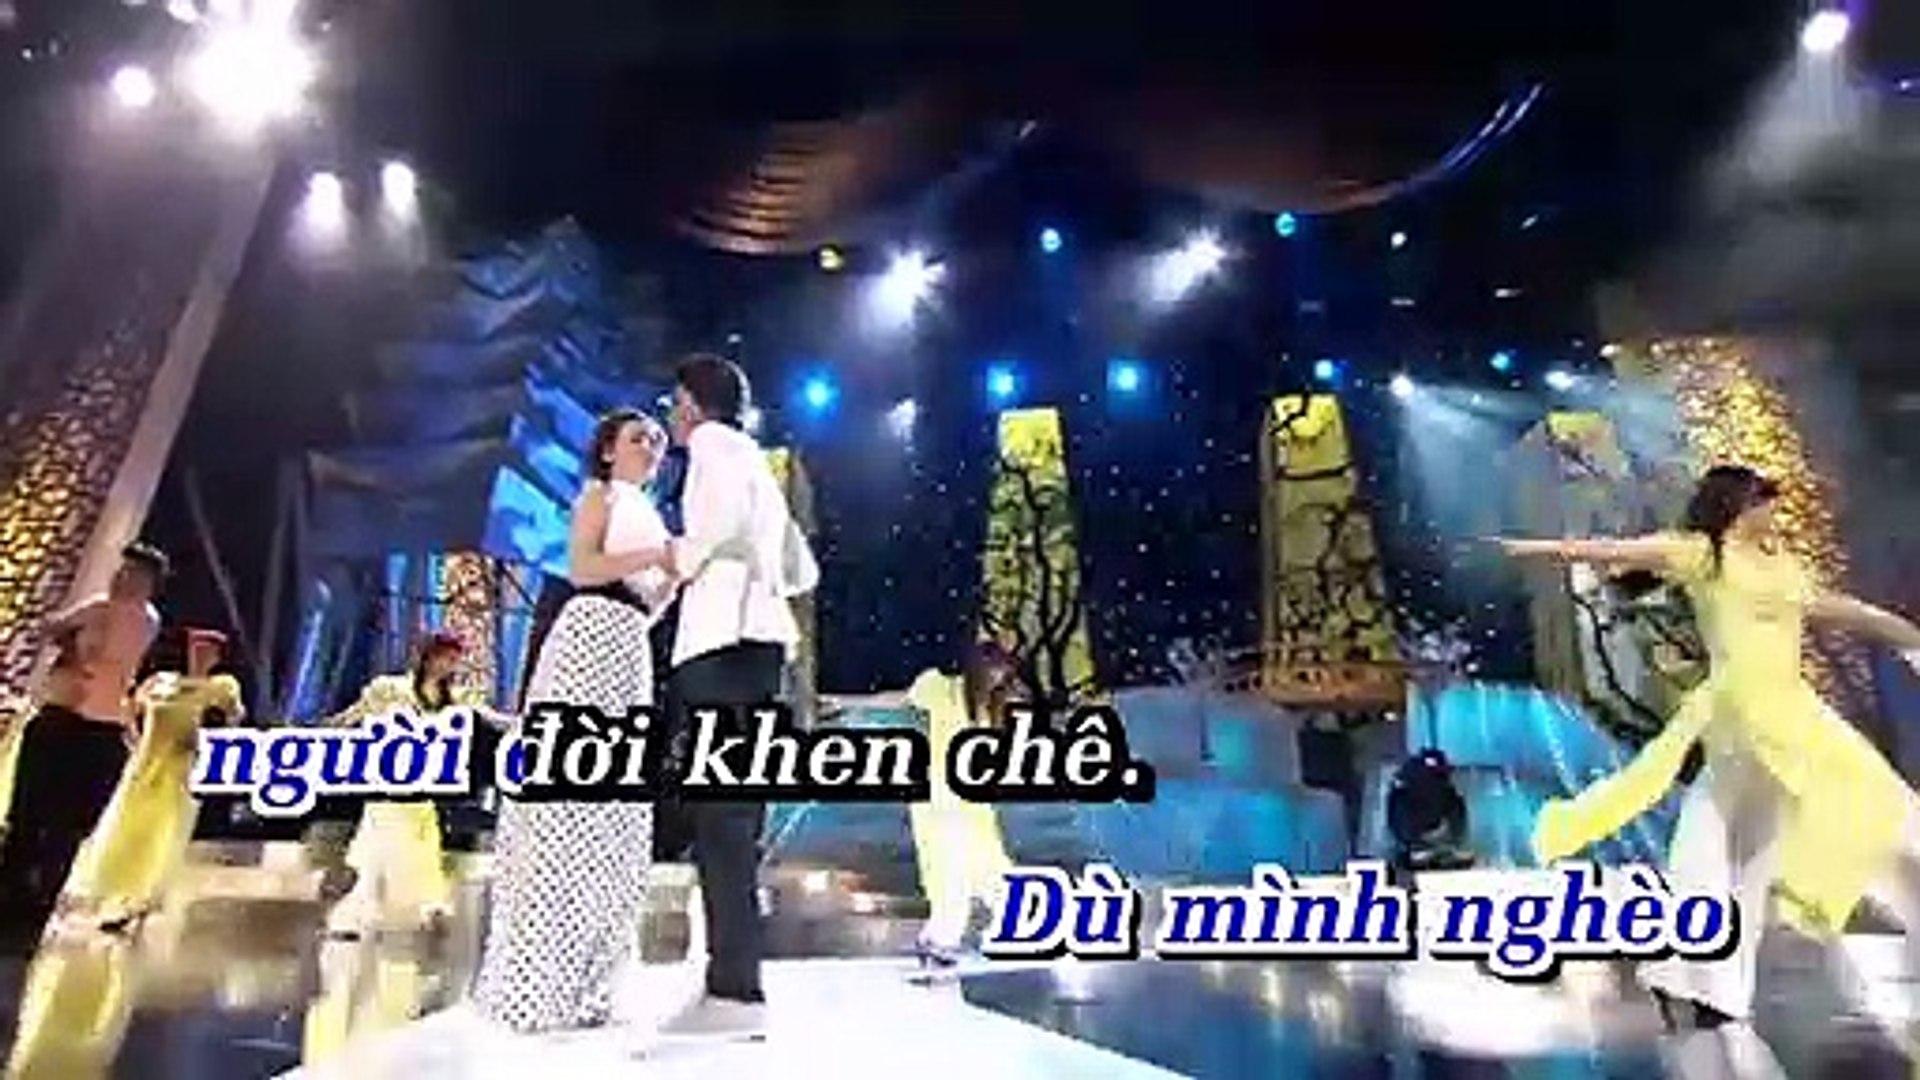 [Karaoke] Hoa Cài Mái Tóc - Cát Lynh Ft. Phạm Tuấn Ngọc [Beat]